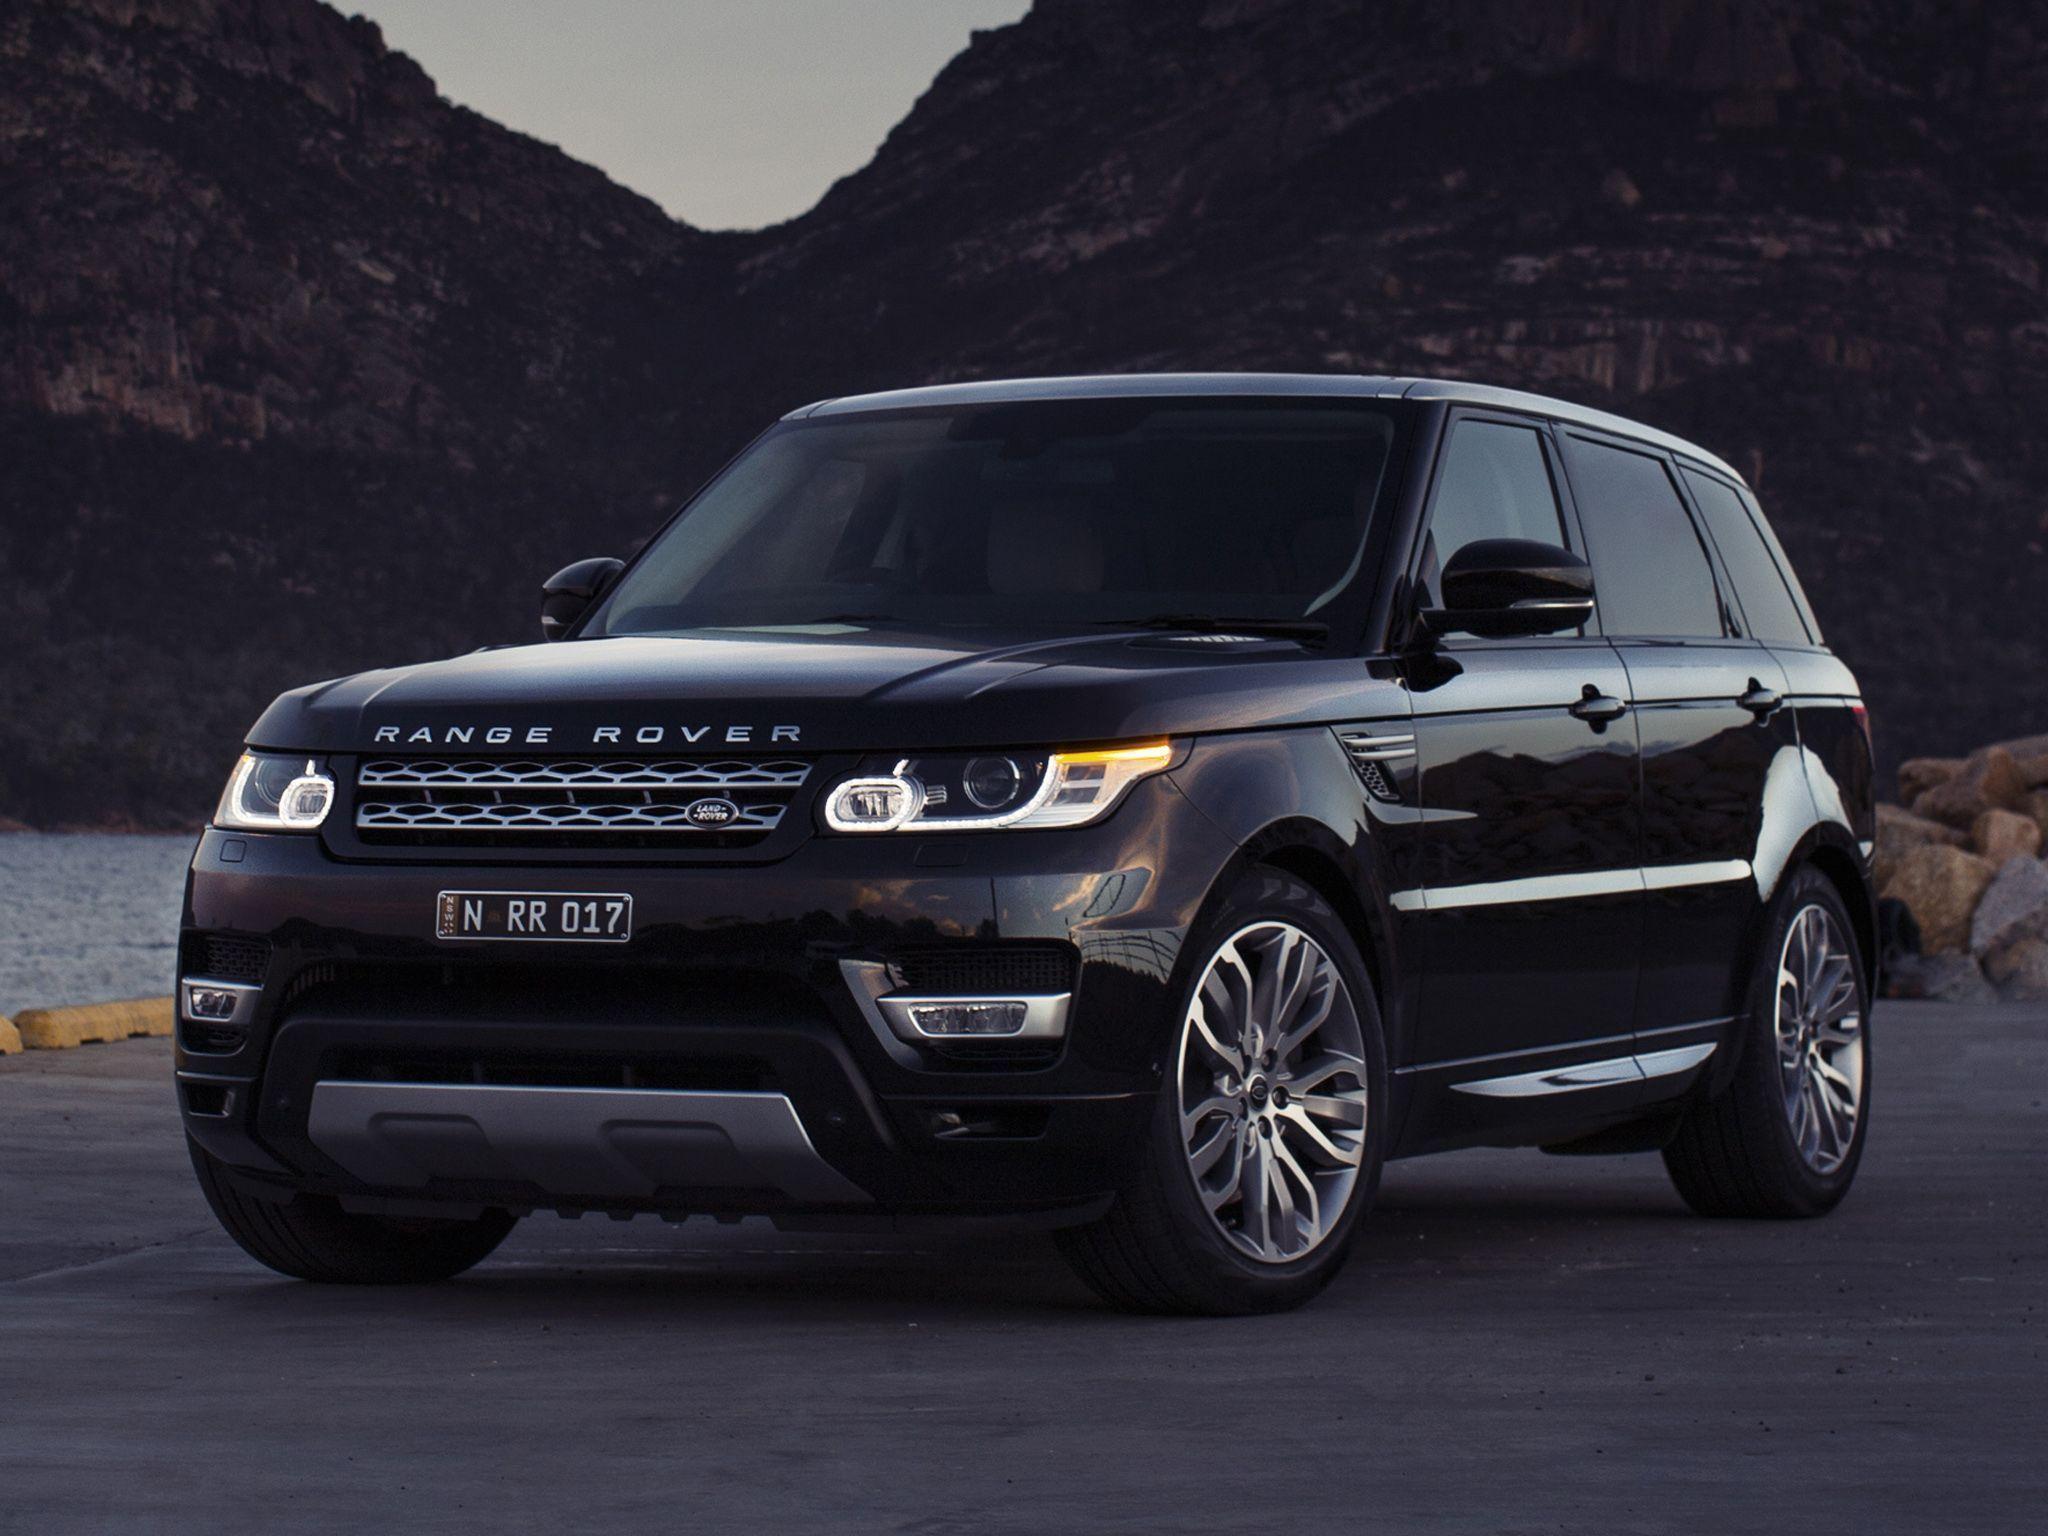 Range Rover Sport Black Wallpaper: Black Range Rover Wallpapers